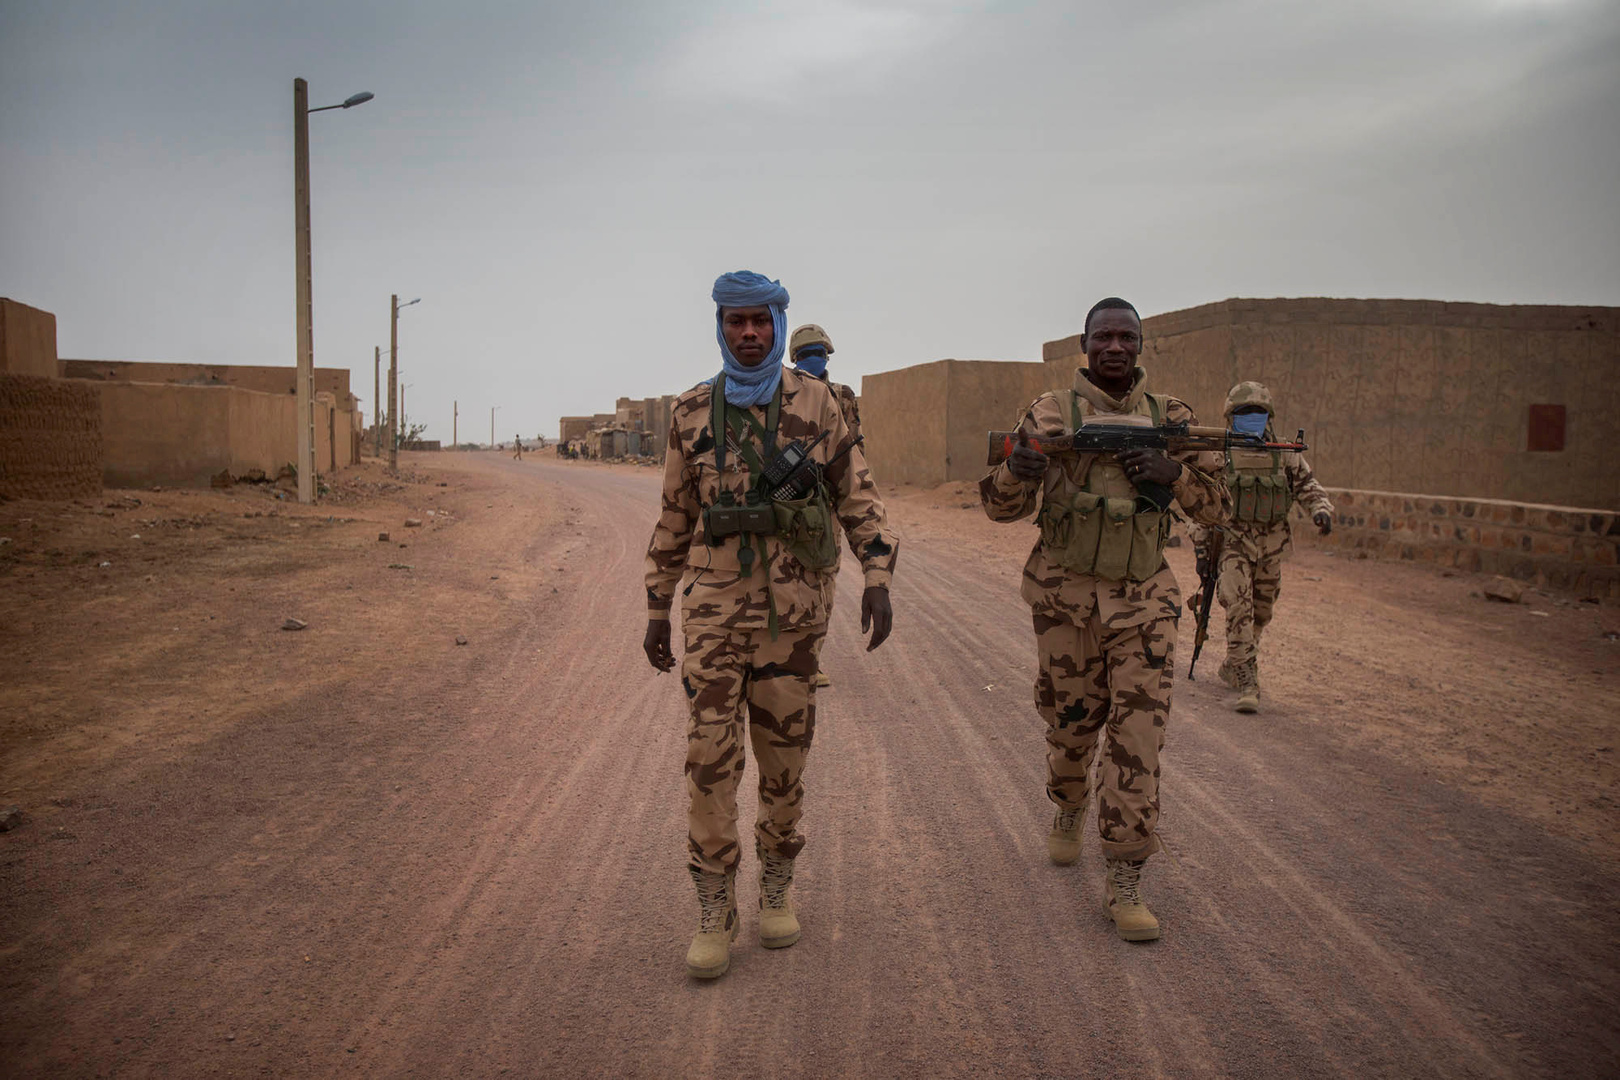 بعثة الأمم المتحدة في مالي: مقتل 40 إرهابيا بينهم قيادي على يد قوات حفظ السلام